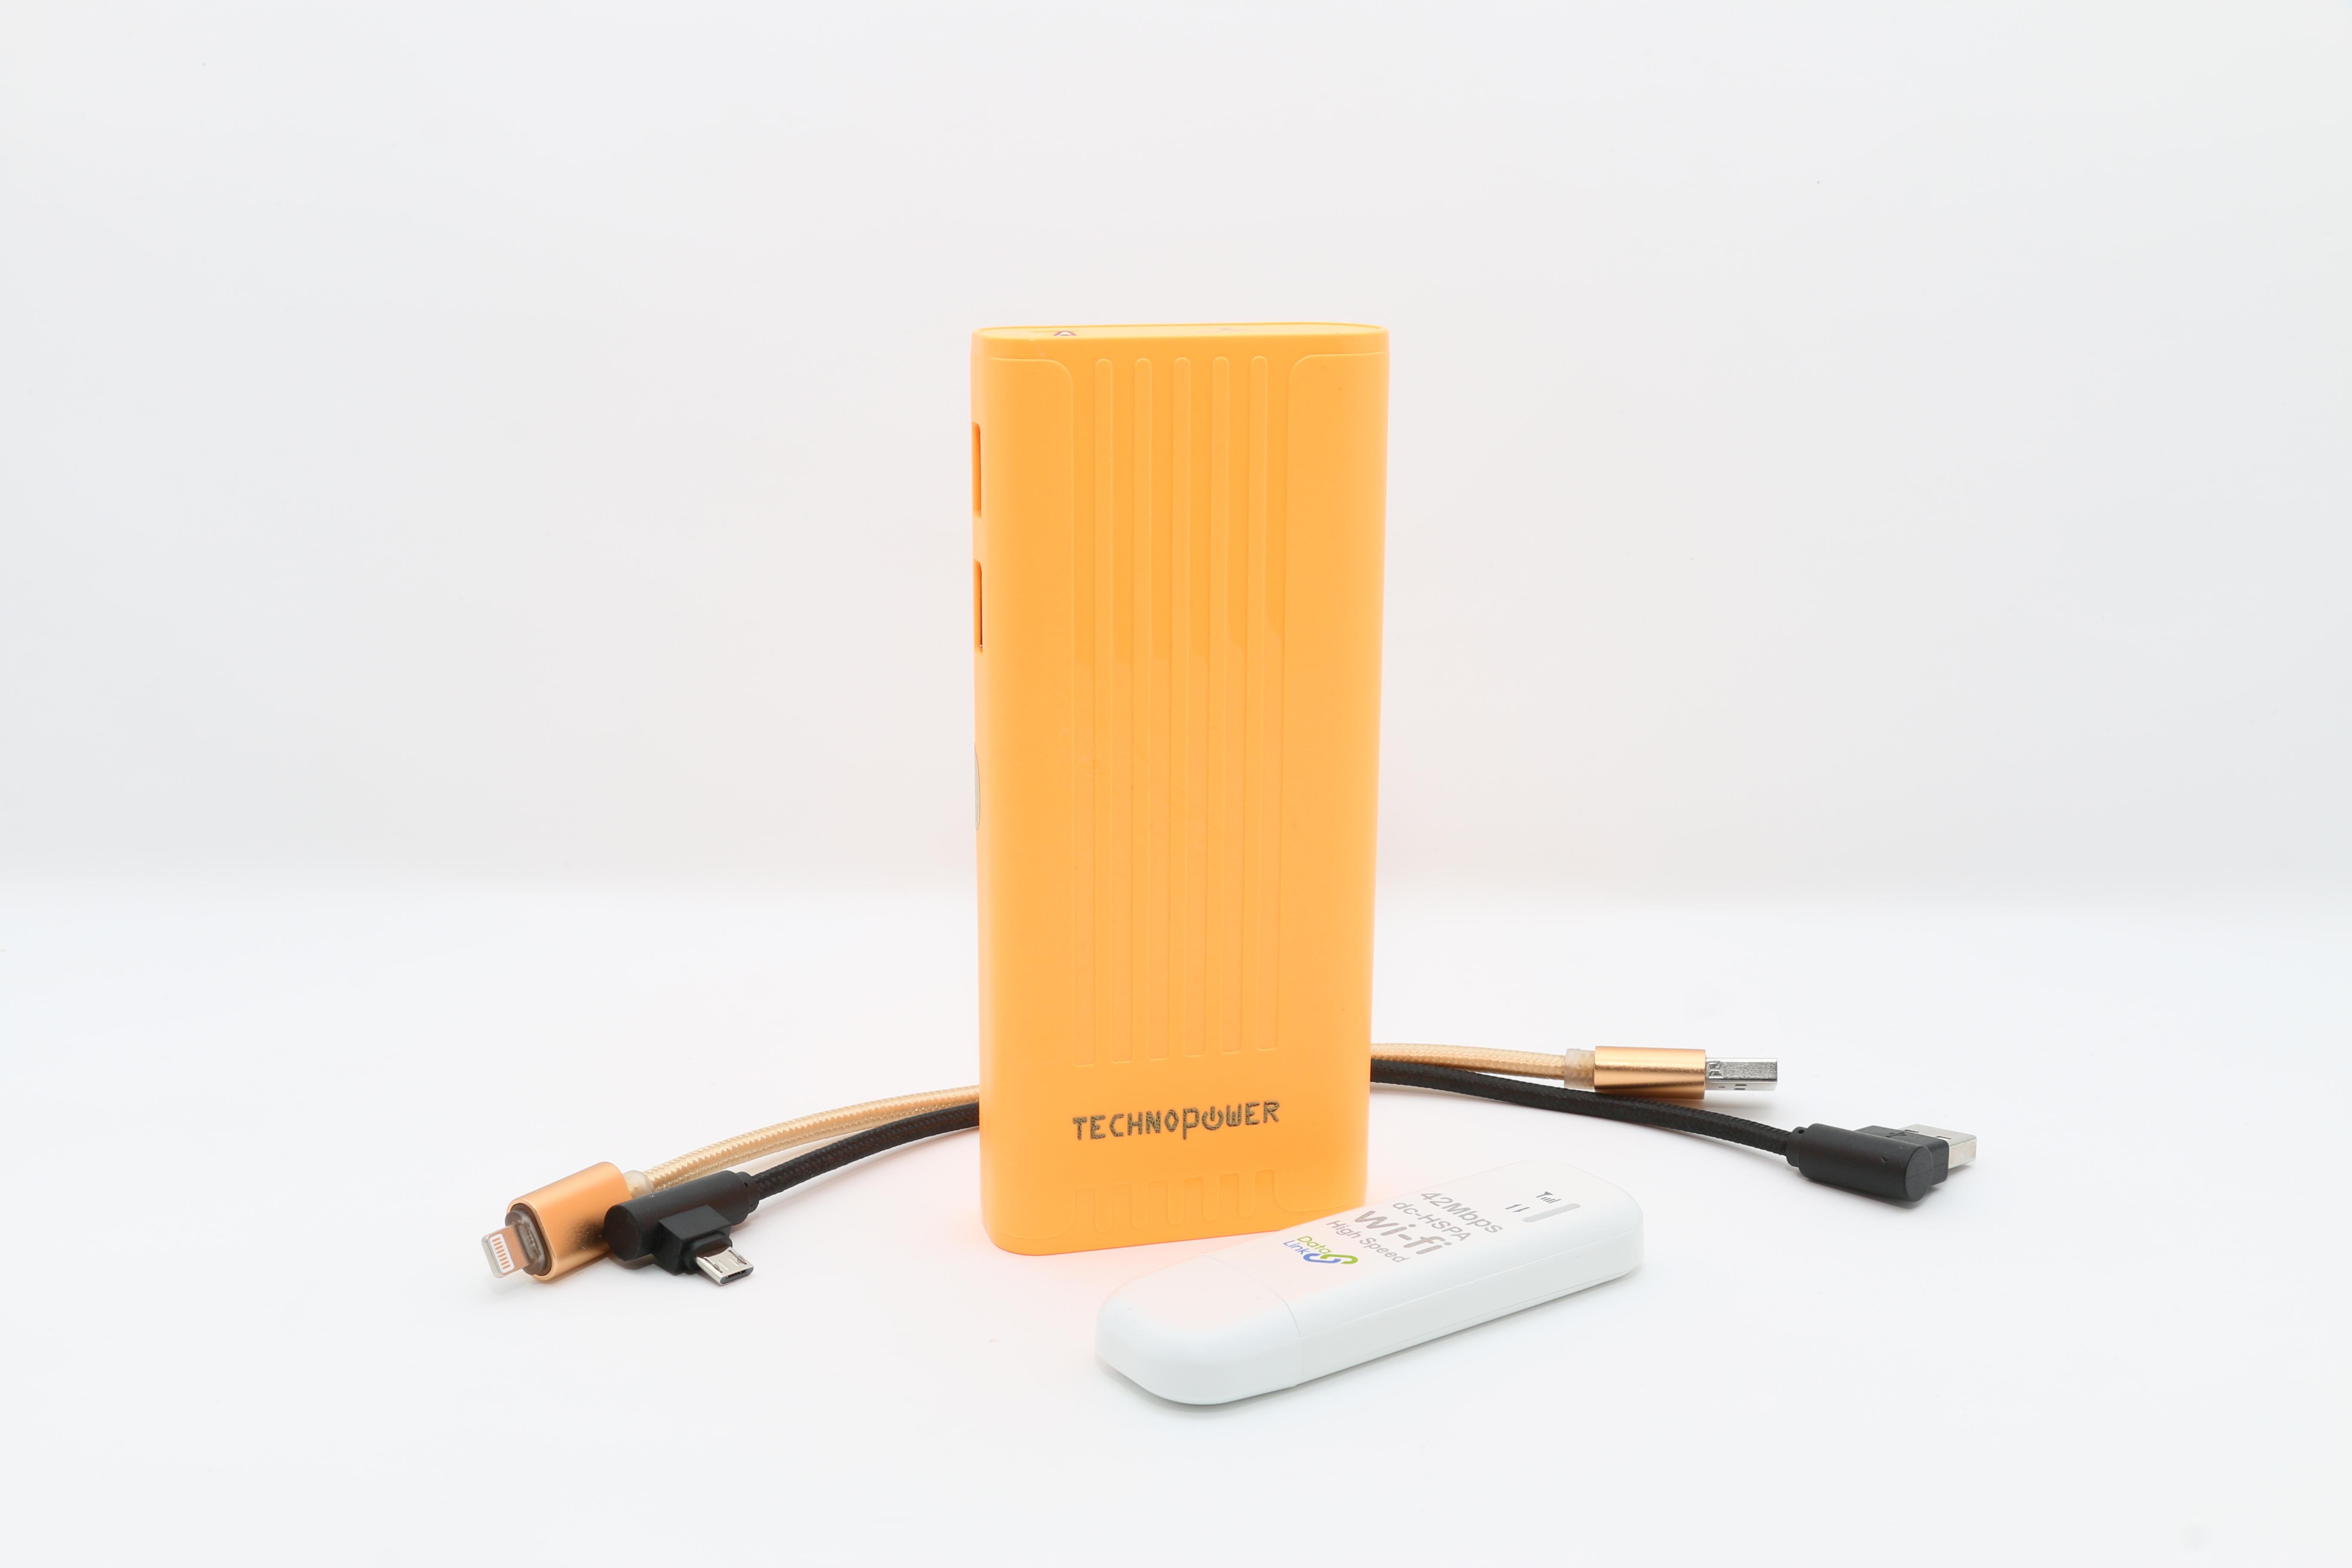 تكنو باور  بنك برتقالي سعة 10000 مللي أمبير مع راوتر - واي فاي USB